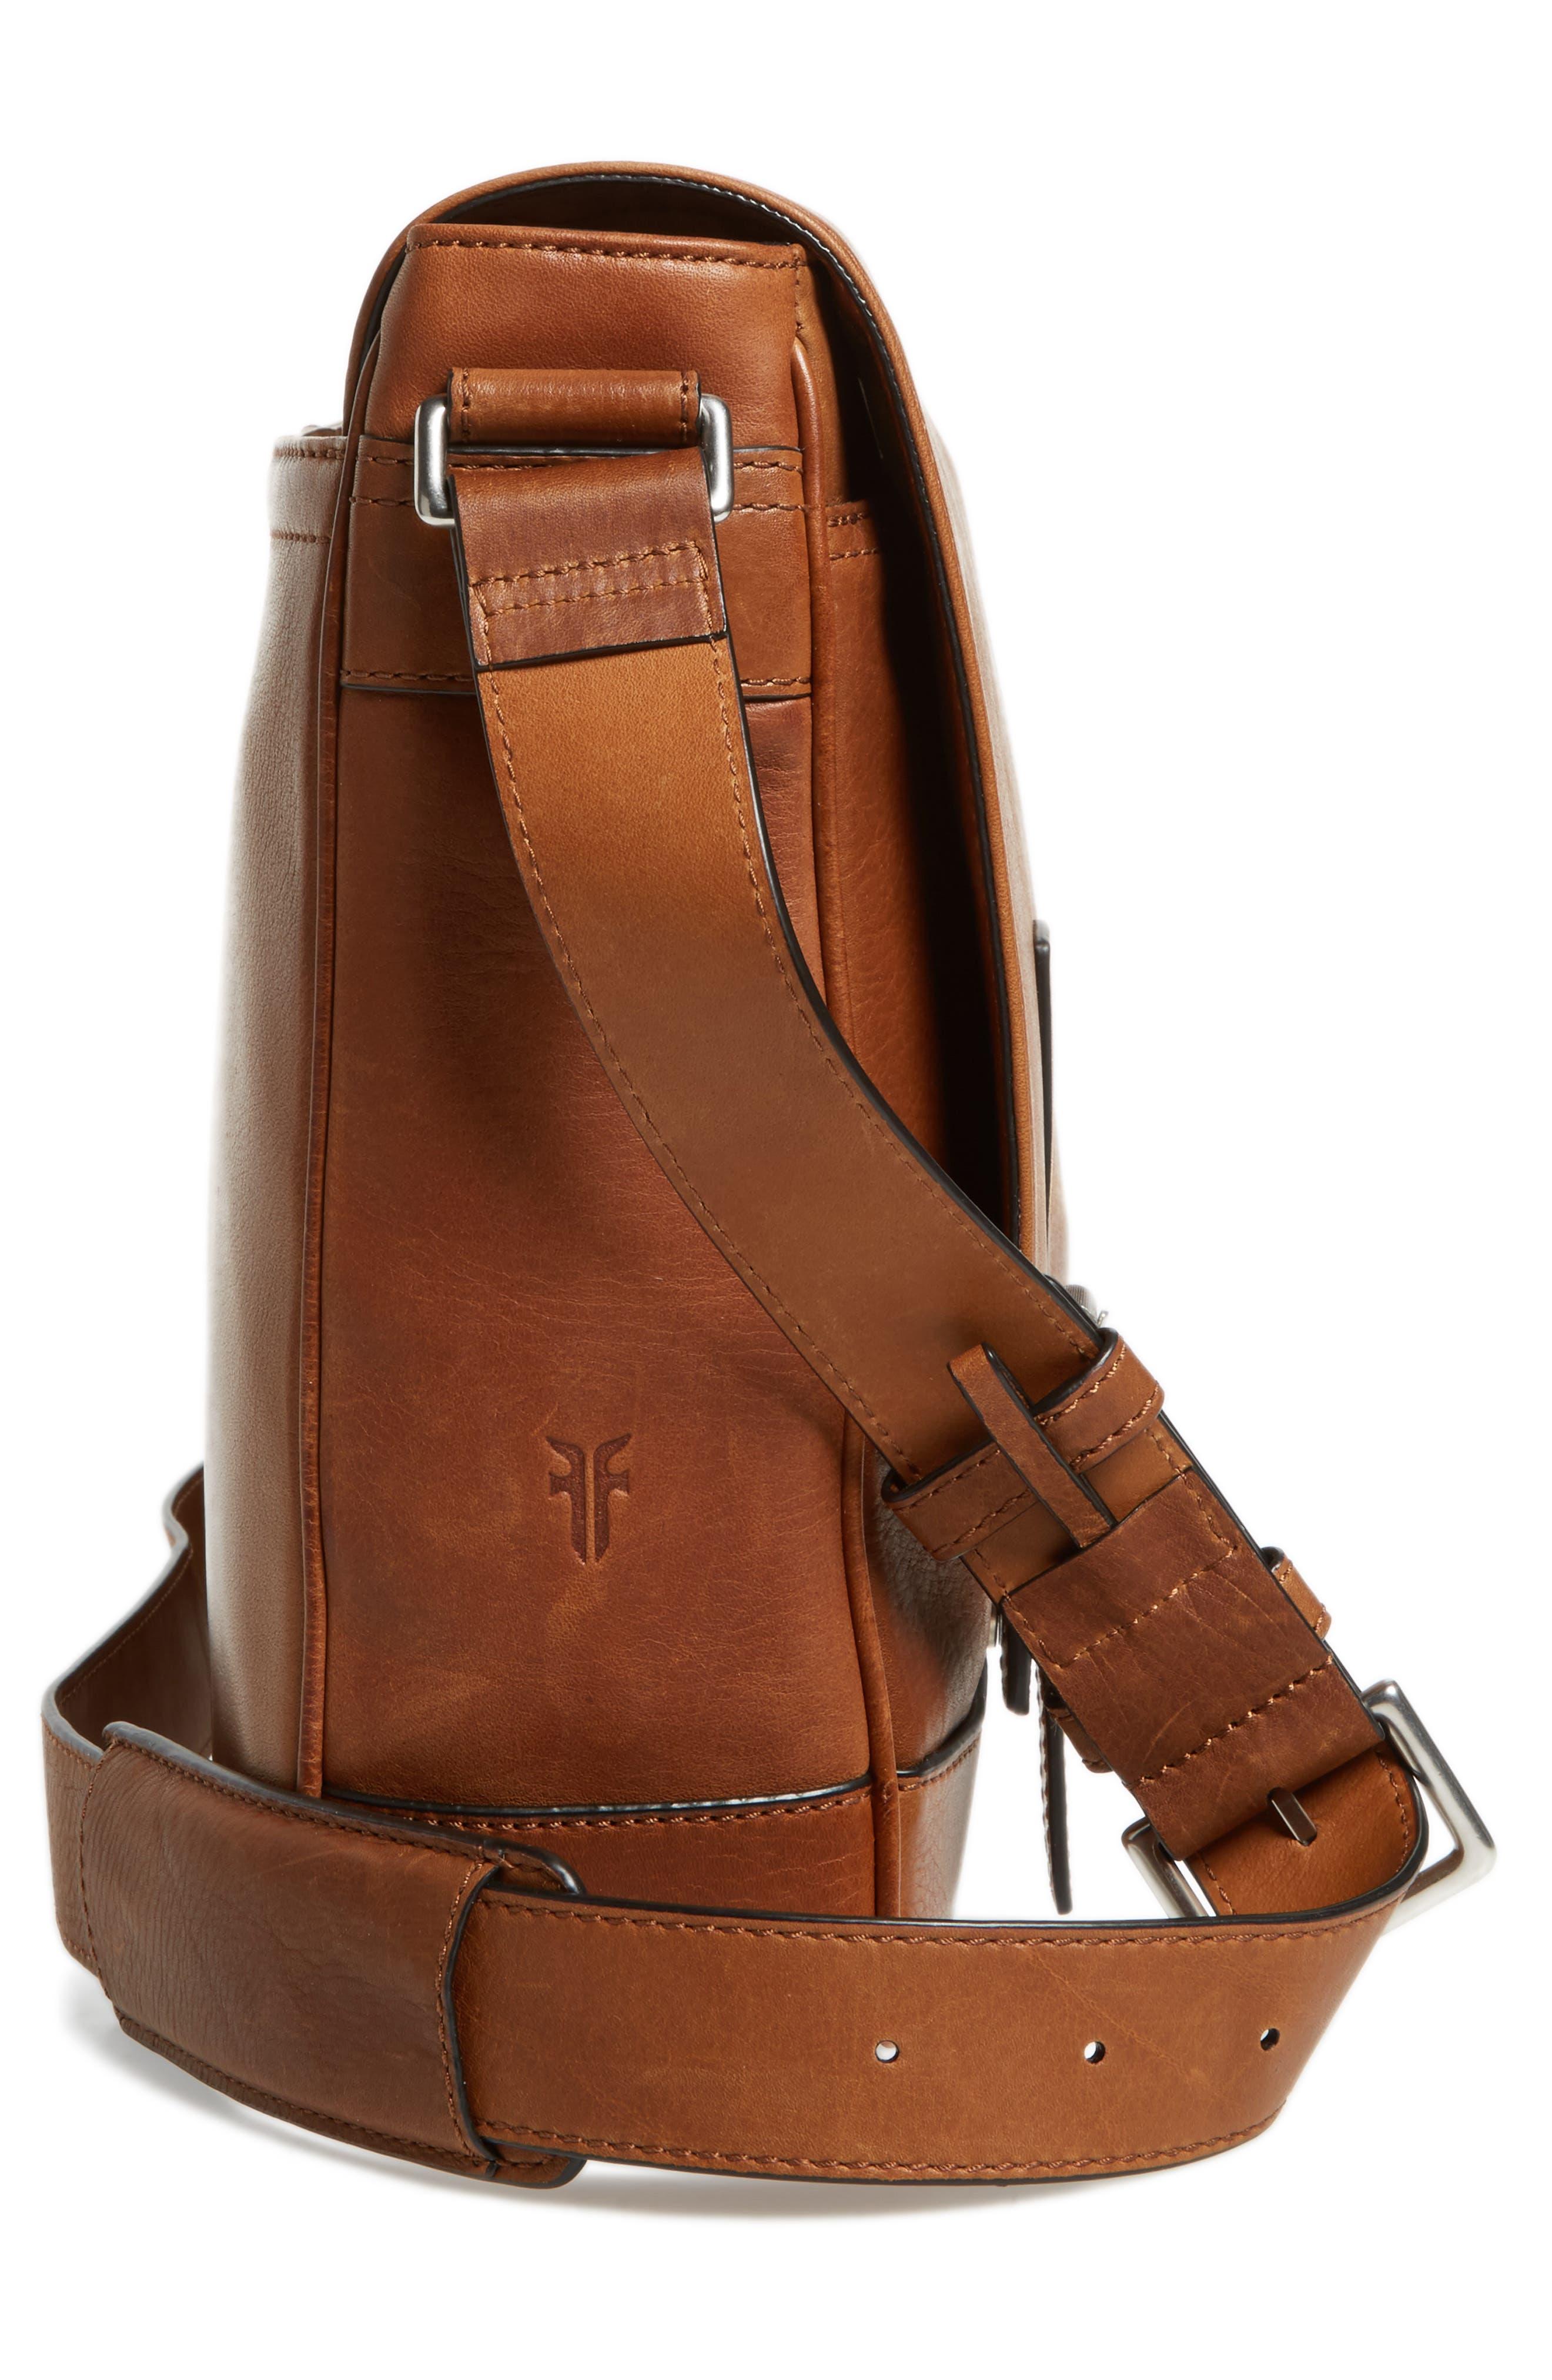 Oliver Leather Messenger Bag,                             Alternate thumbnail 5, color,                             Cognac